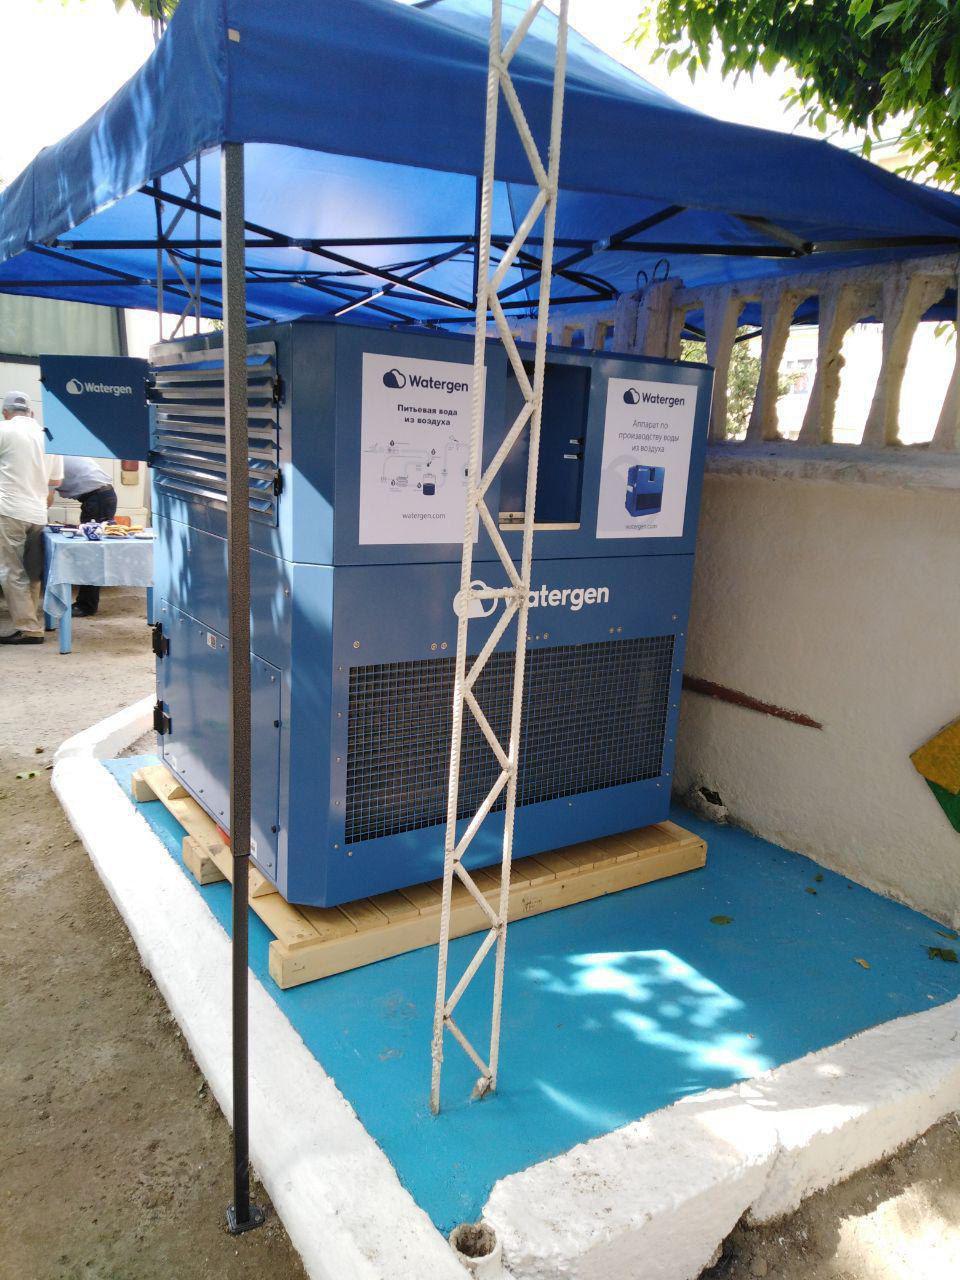 В Бухаре состоялся запуск установки, генерирующей воду из воздуха